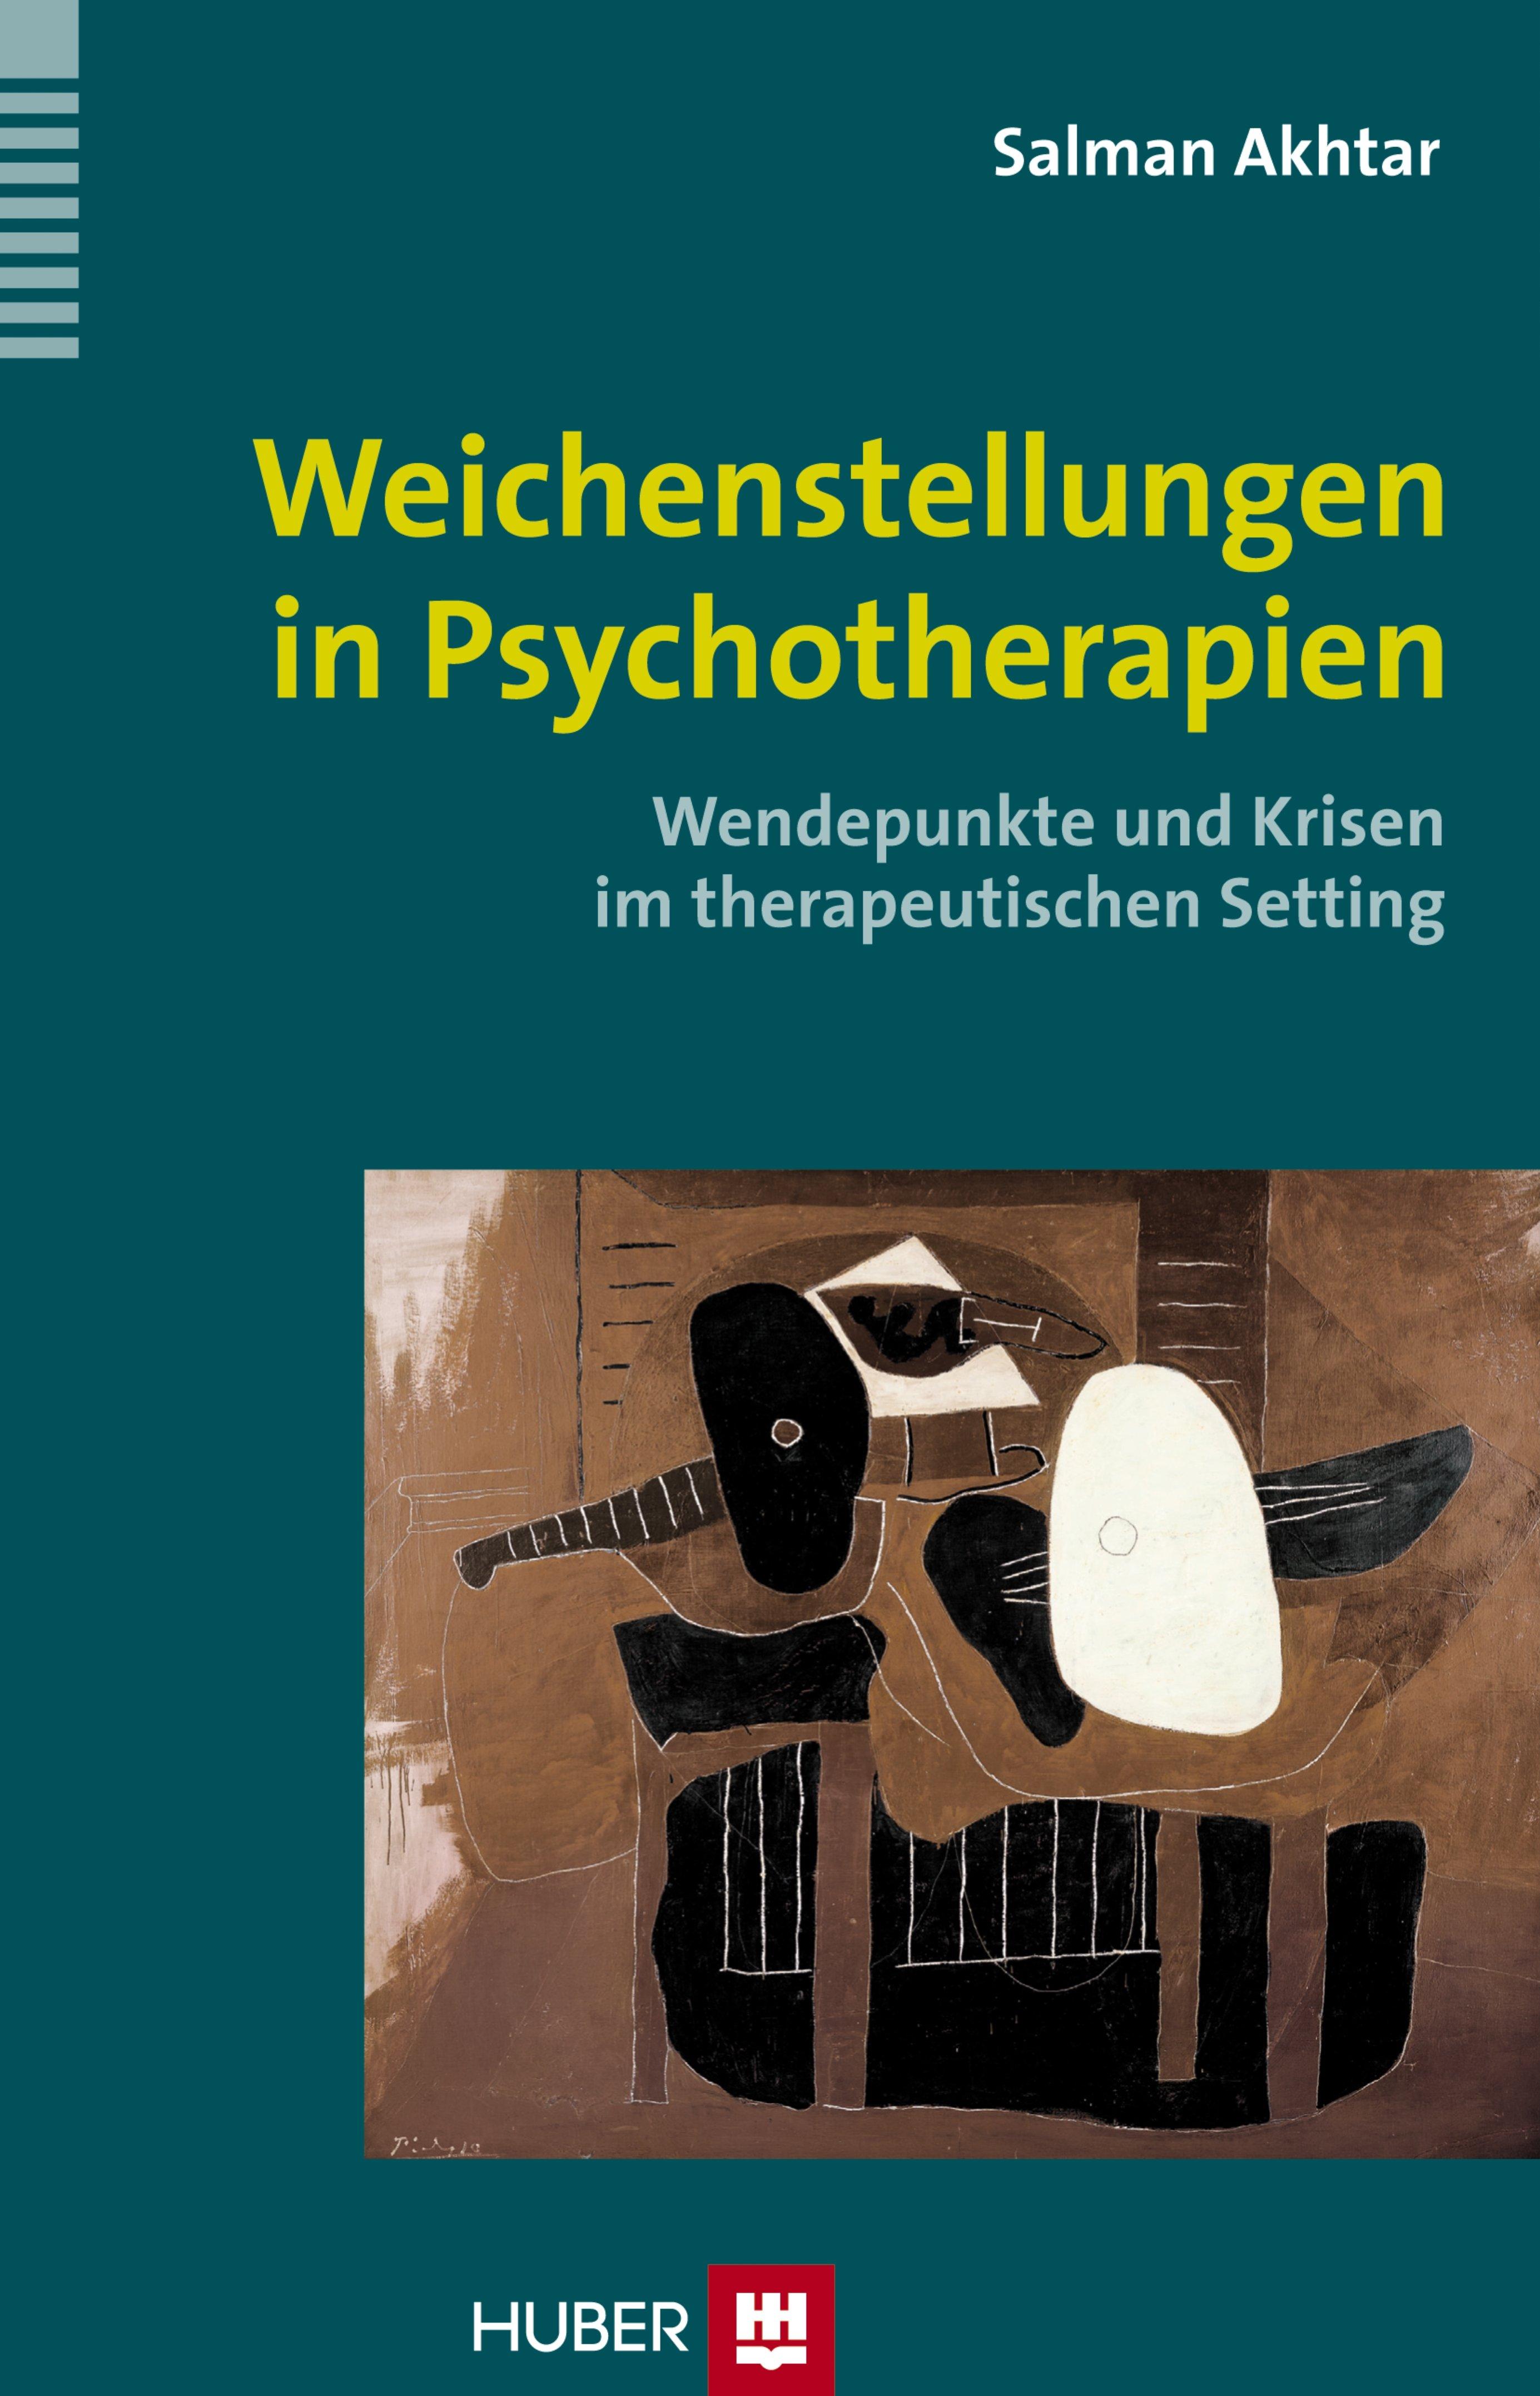 Weichenstellungen in Psychotherapien